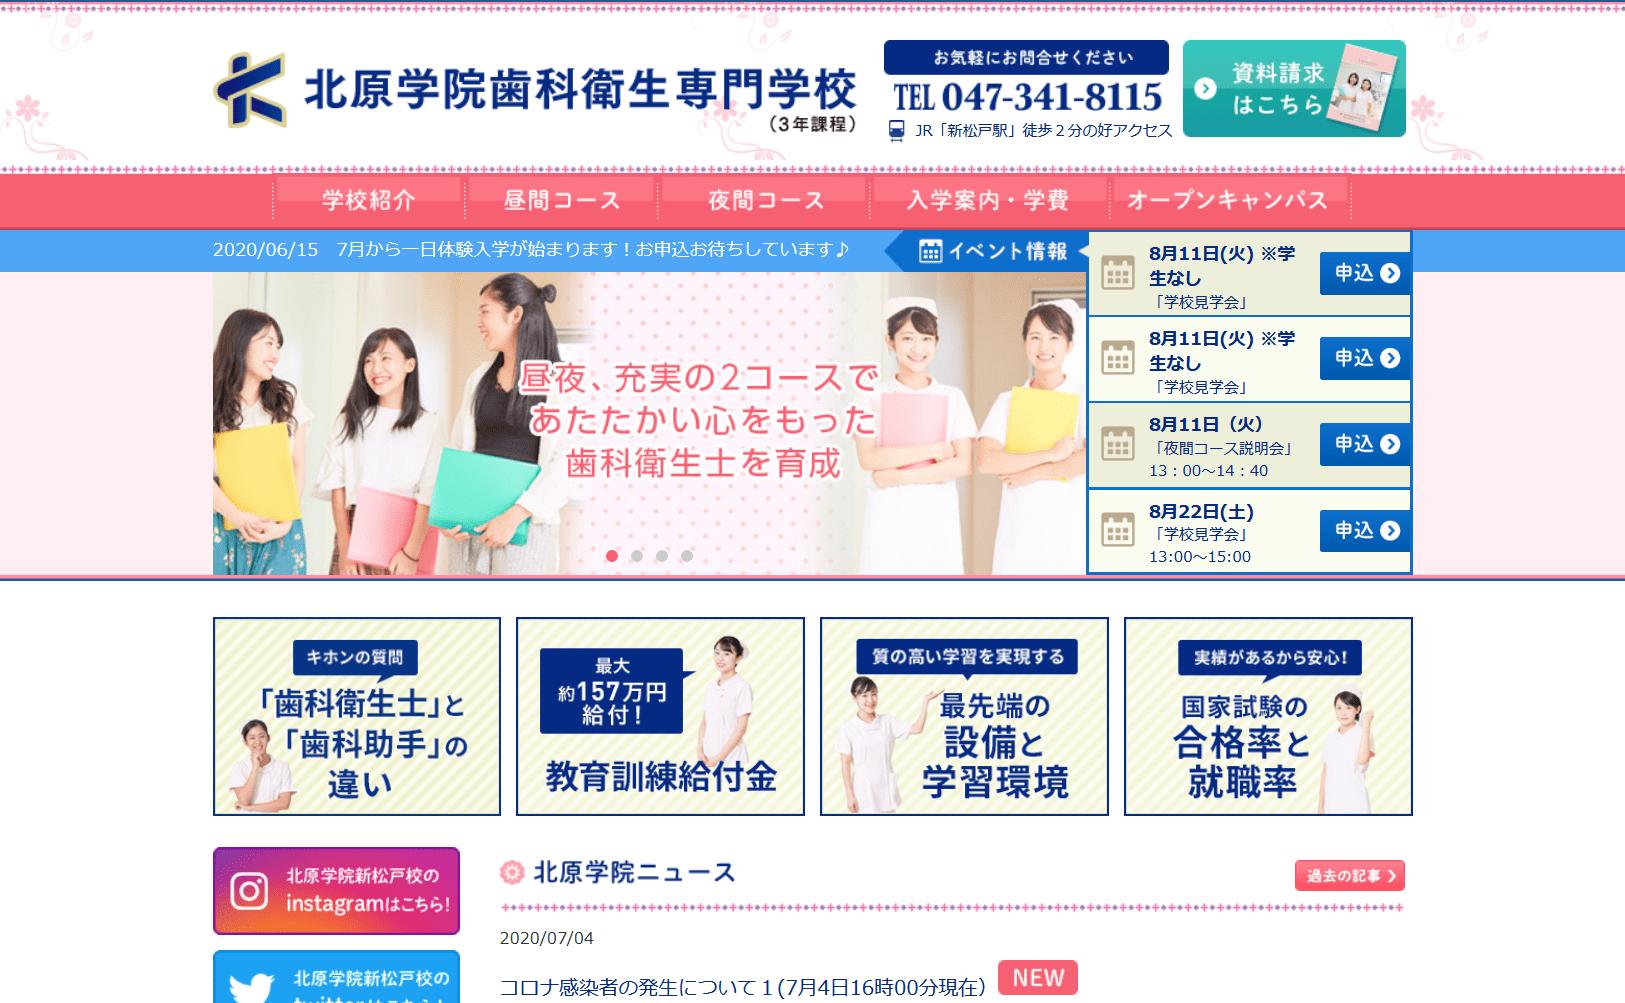 【ニュース】北原学院歯科衛生専門学校(千葉県松戸市)でクラスター、12人感染